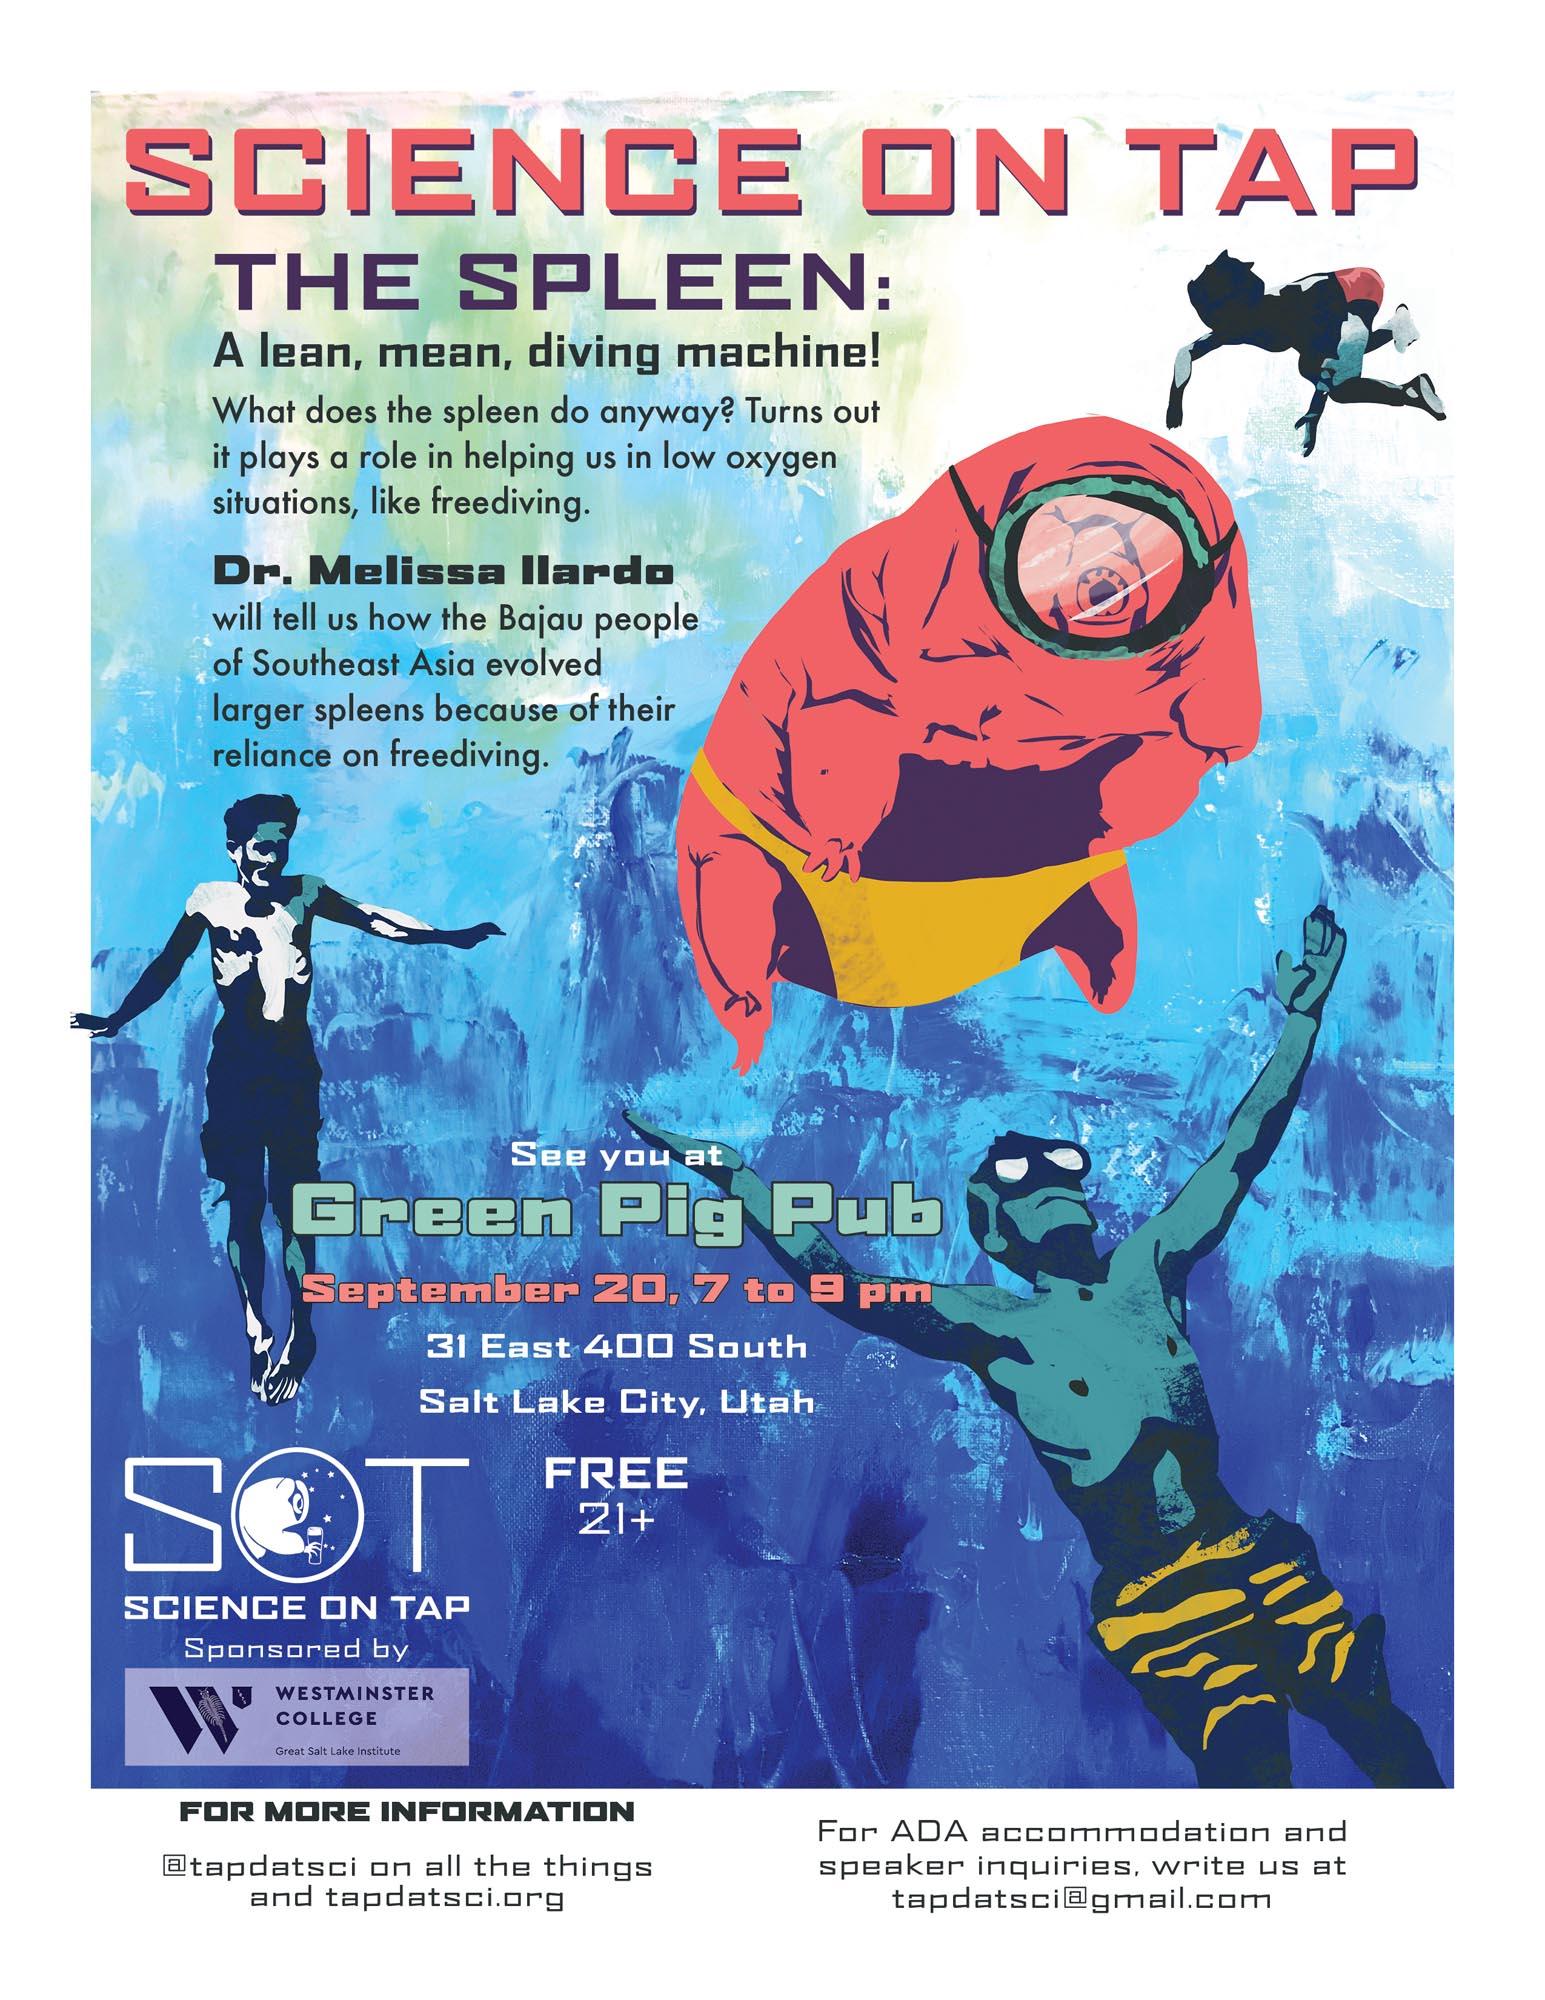 The Spleen: A Lean, Mean, Diving Machine   Melissa Illardo, PhD  September 20, 2018